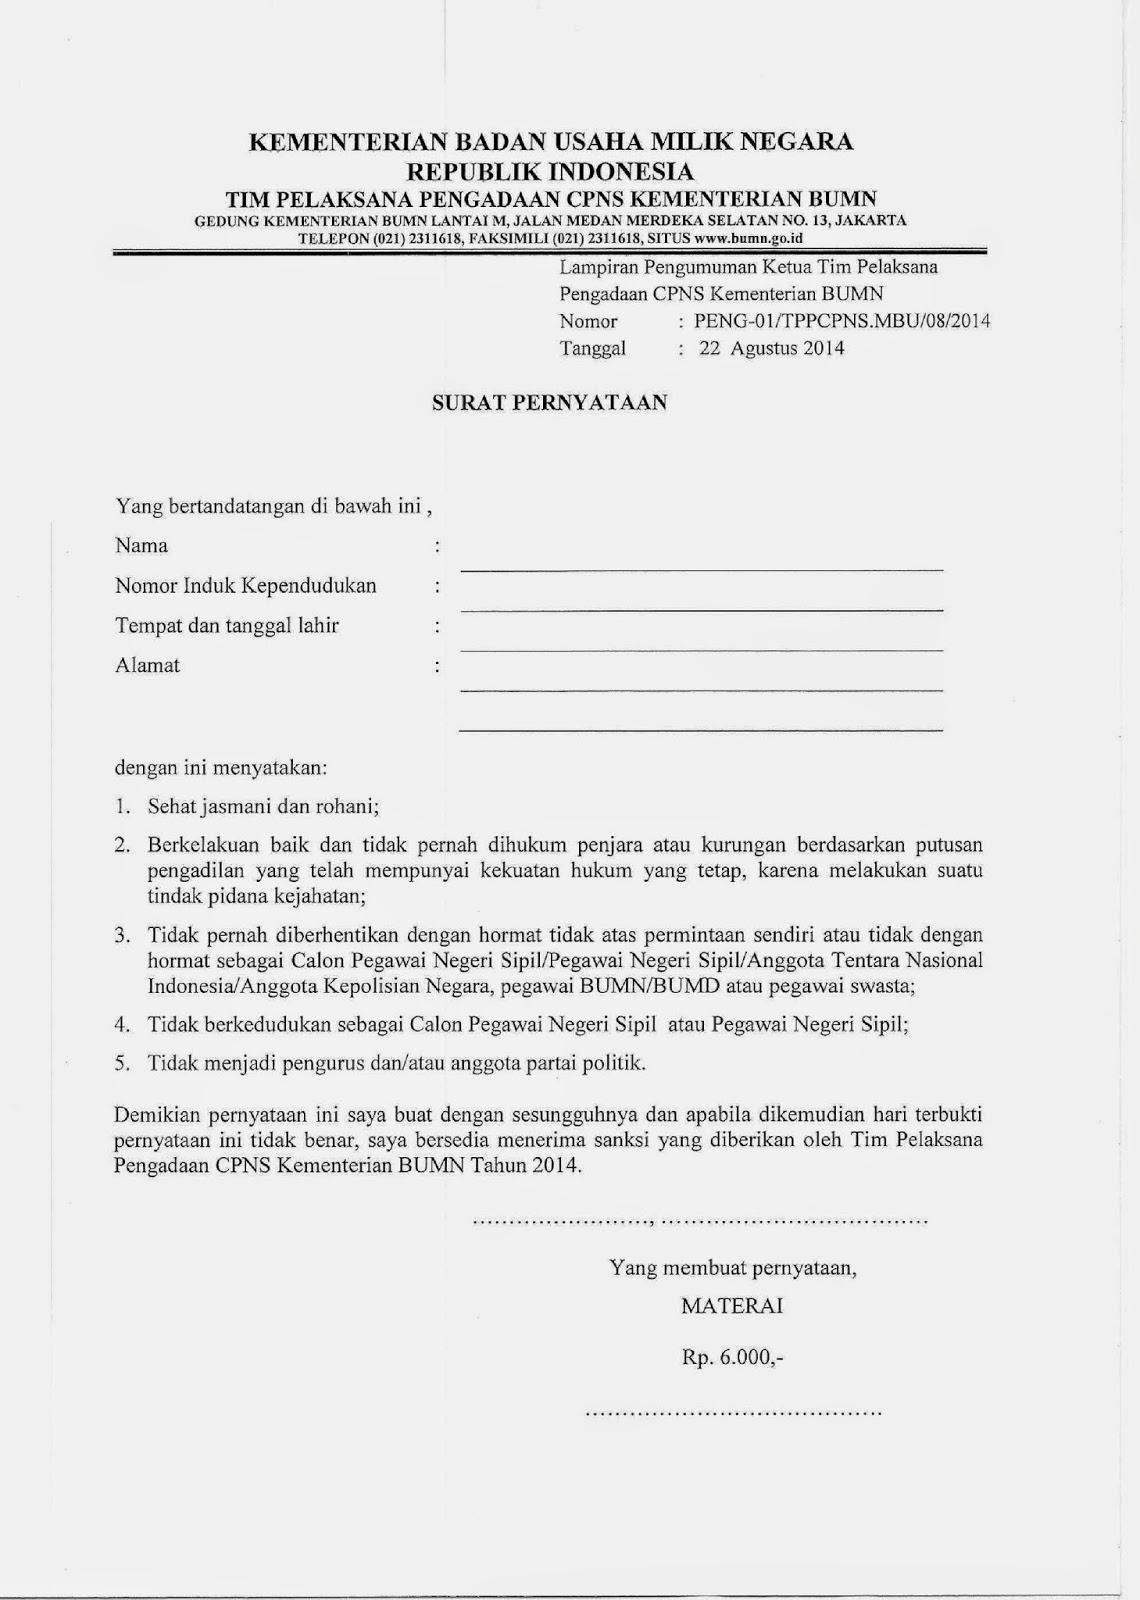 contoh surat lamaran kerja cpns bumn 2019 kumpulan contoh surat dan proposal